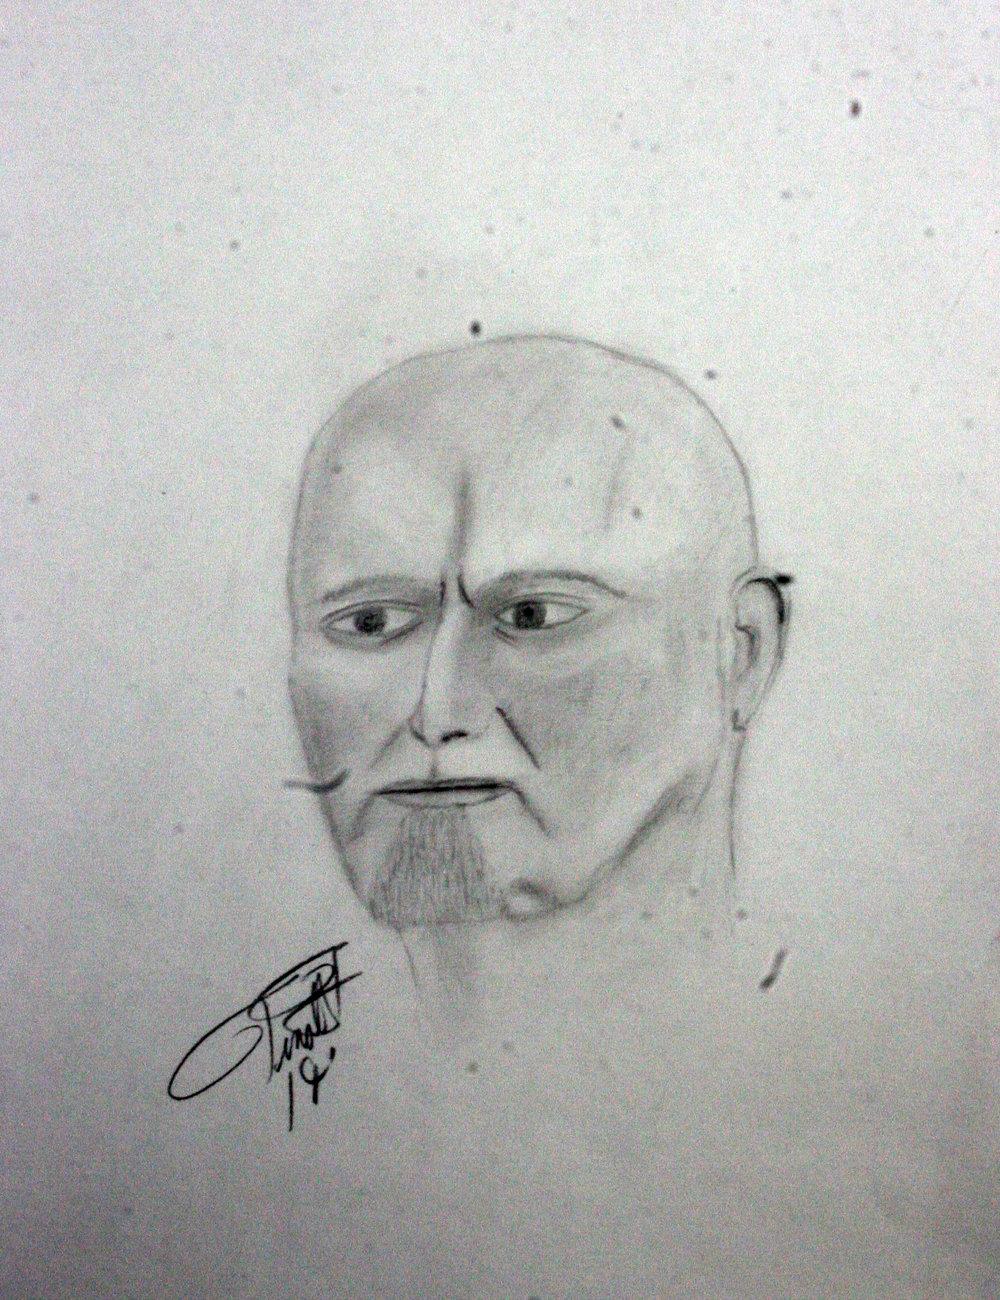 Timothy Tinnirello did this drawing.